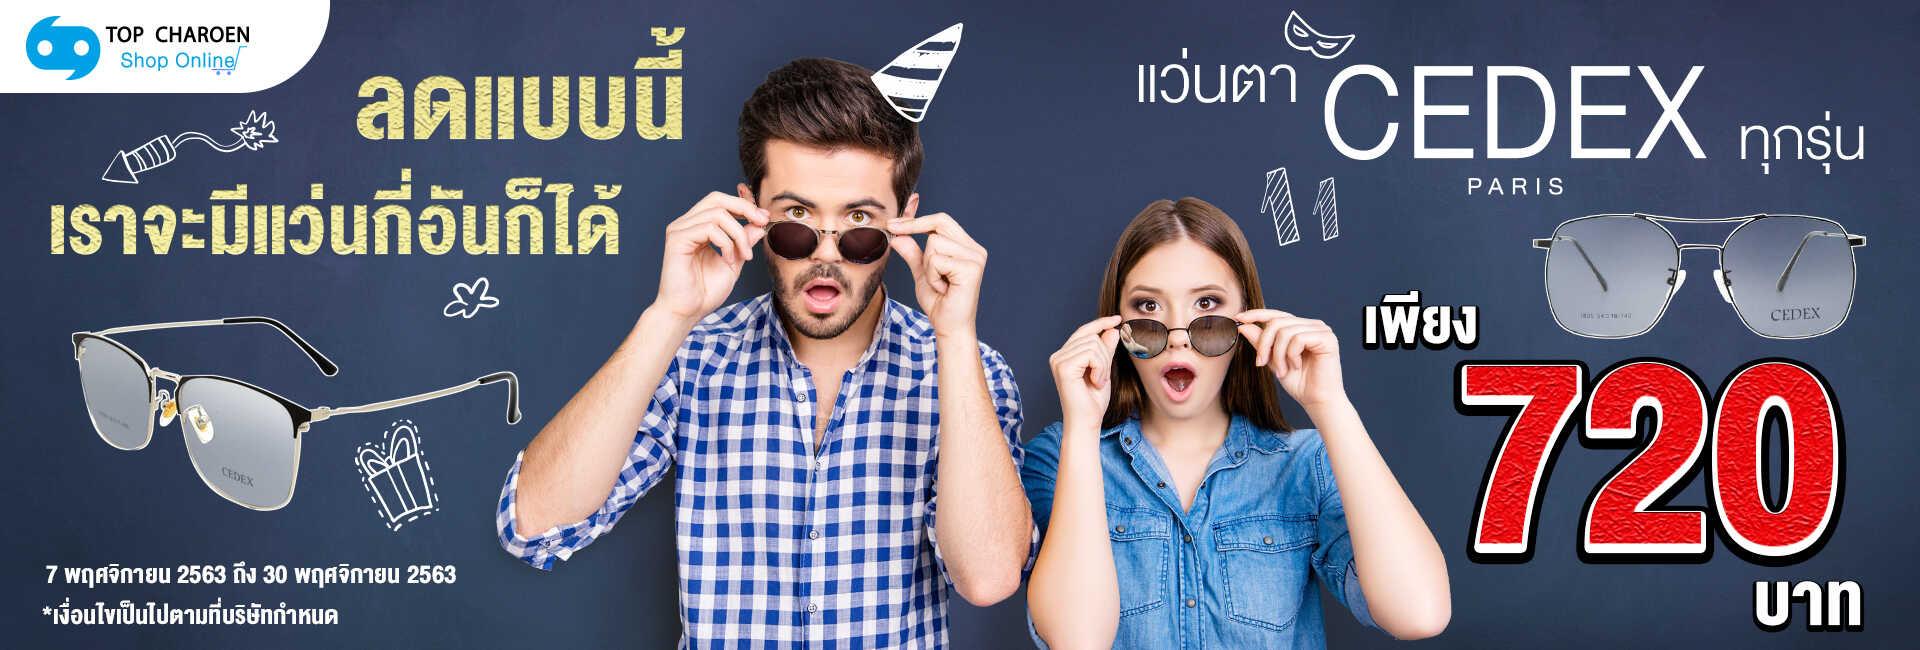 แว่นตา Cedex ทุกรุ่น ลดเหลือ 720 บาท